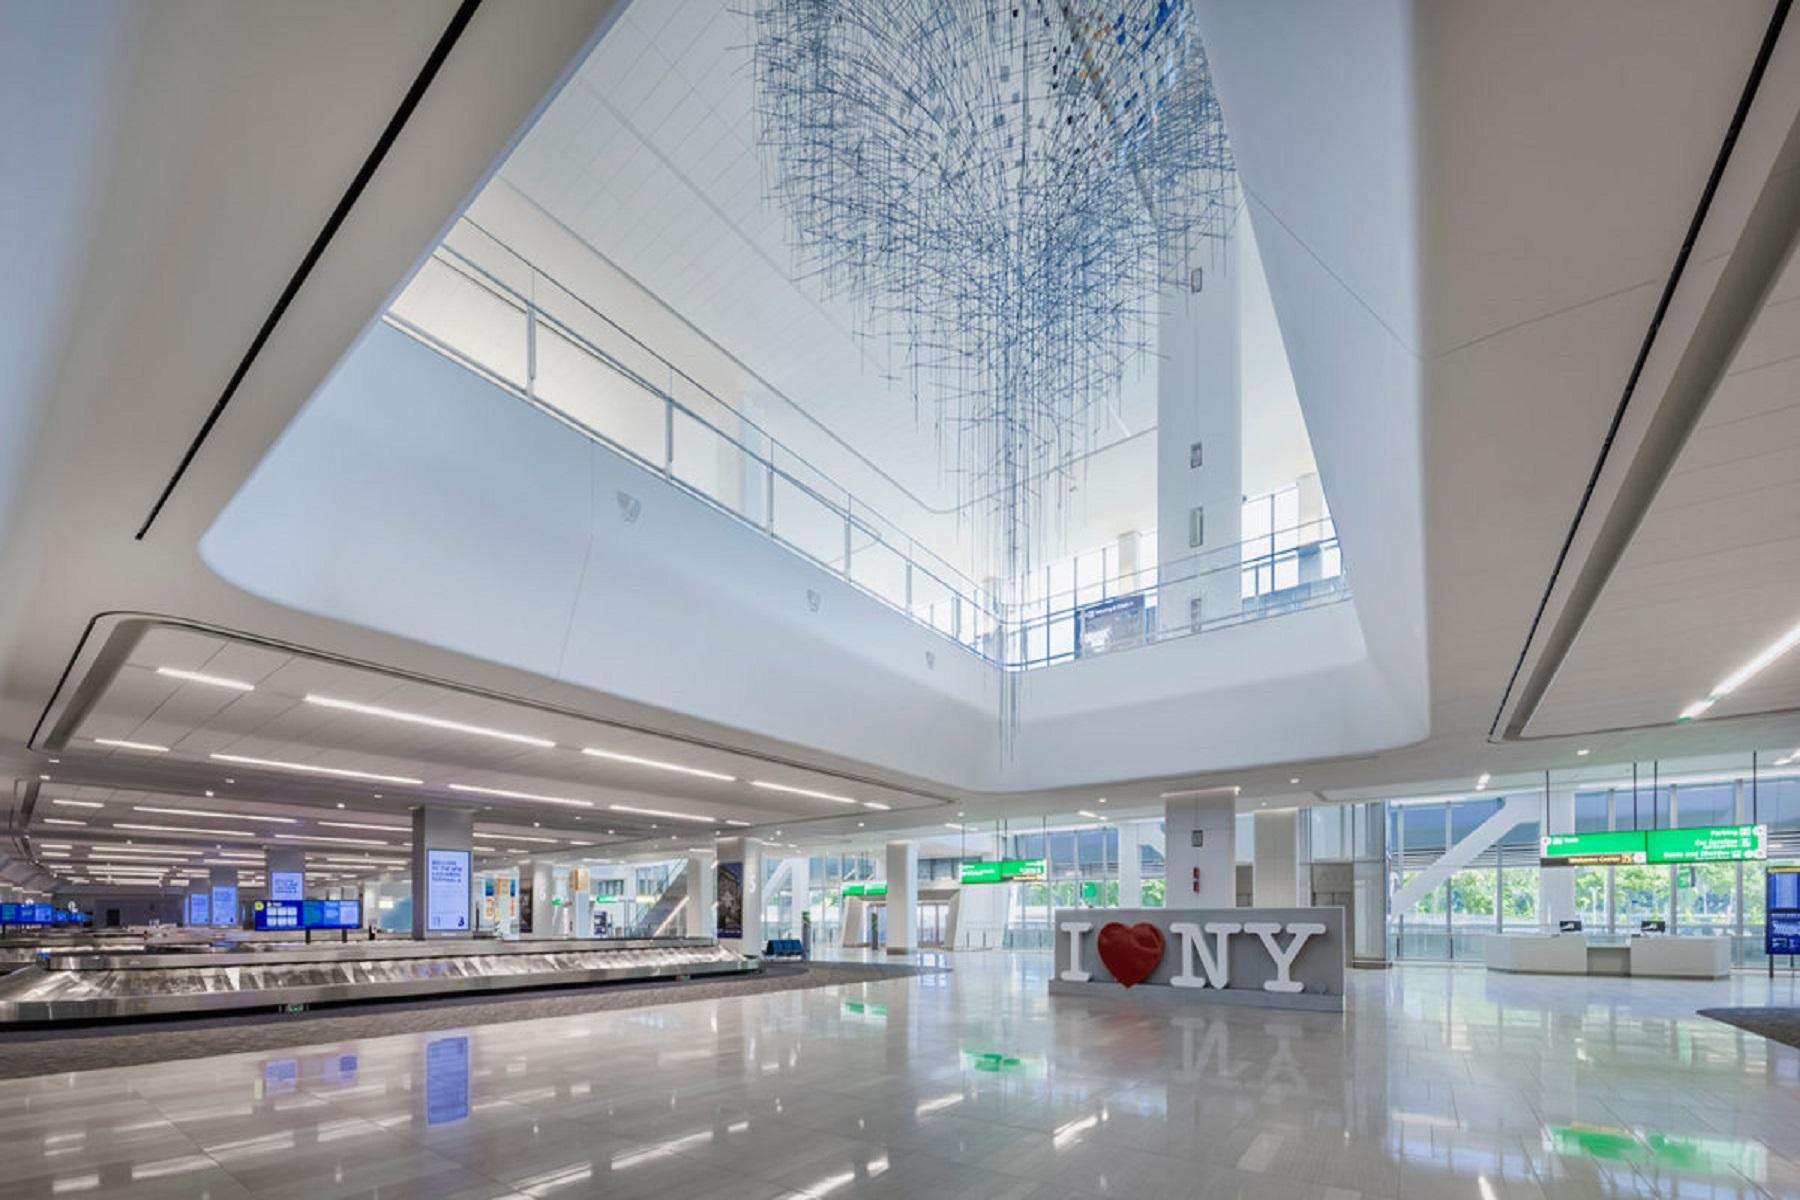 ΗΠΑ Νέα Υόρκη: Το αεροδρόμιο LaGuardia επαναπροσδιορίζεται με έργα τέχνης